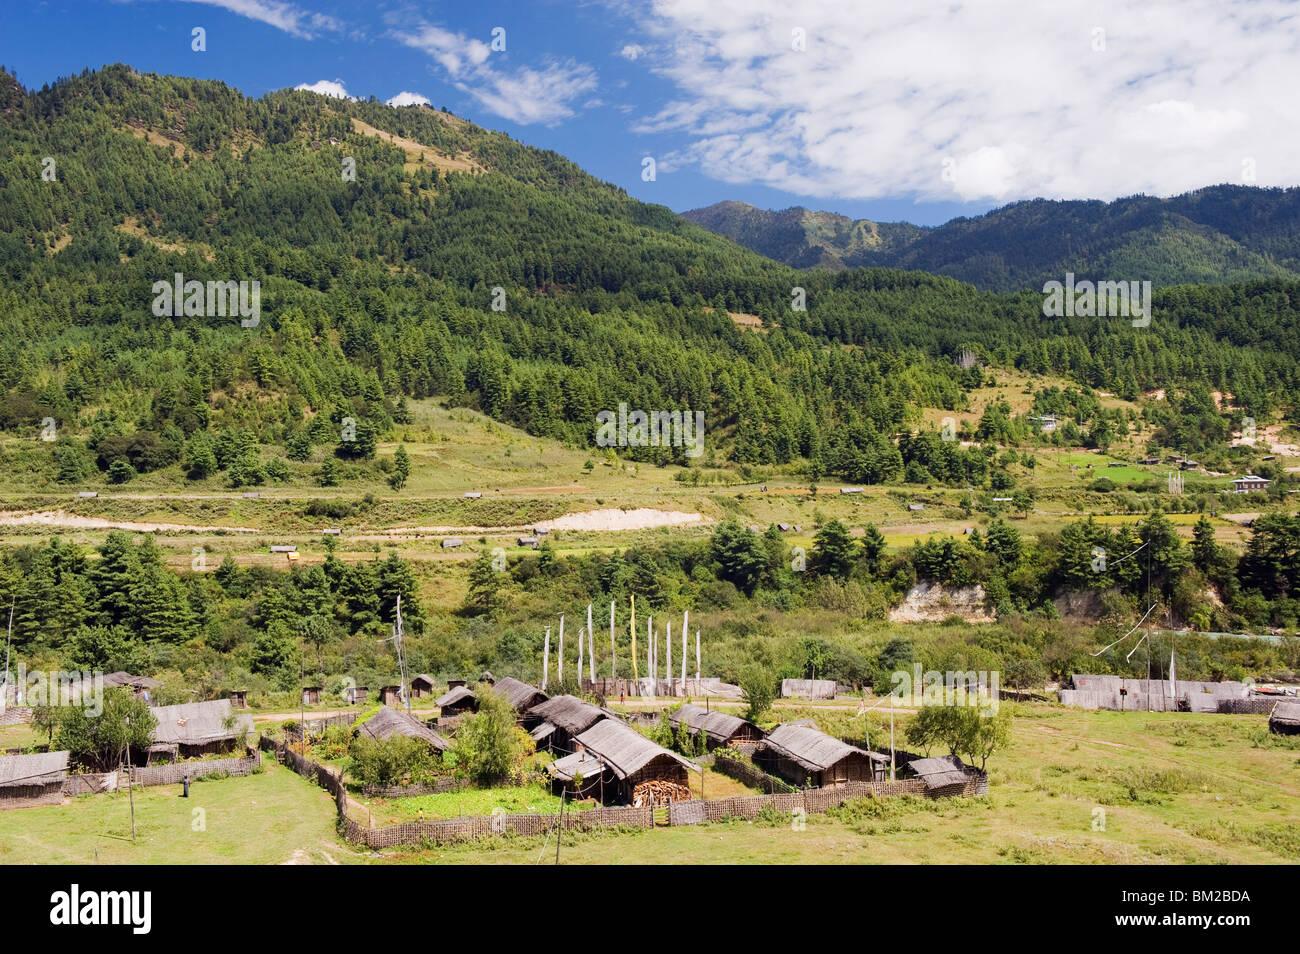 Farm houses, Bumthang, Chokor Valley, Bhutan - Stock Image